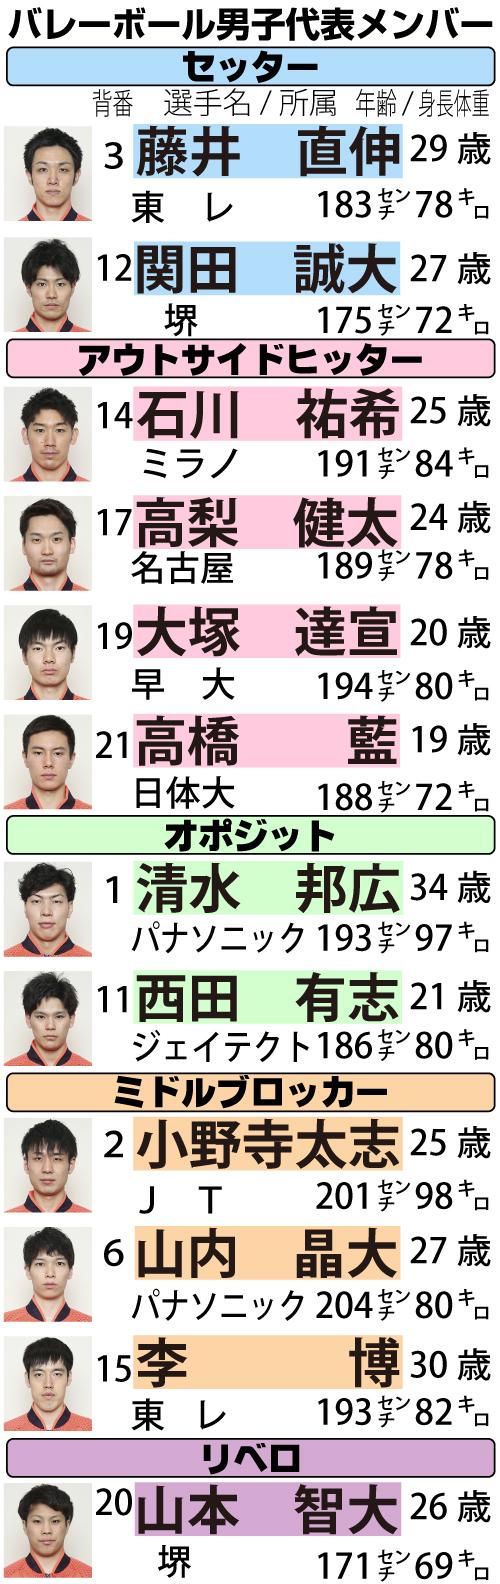 バレー男子29年ぶり五輪勝利 当時のエース中垣内監督のもと好発進